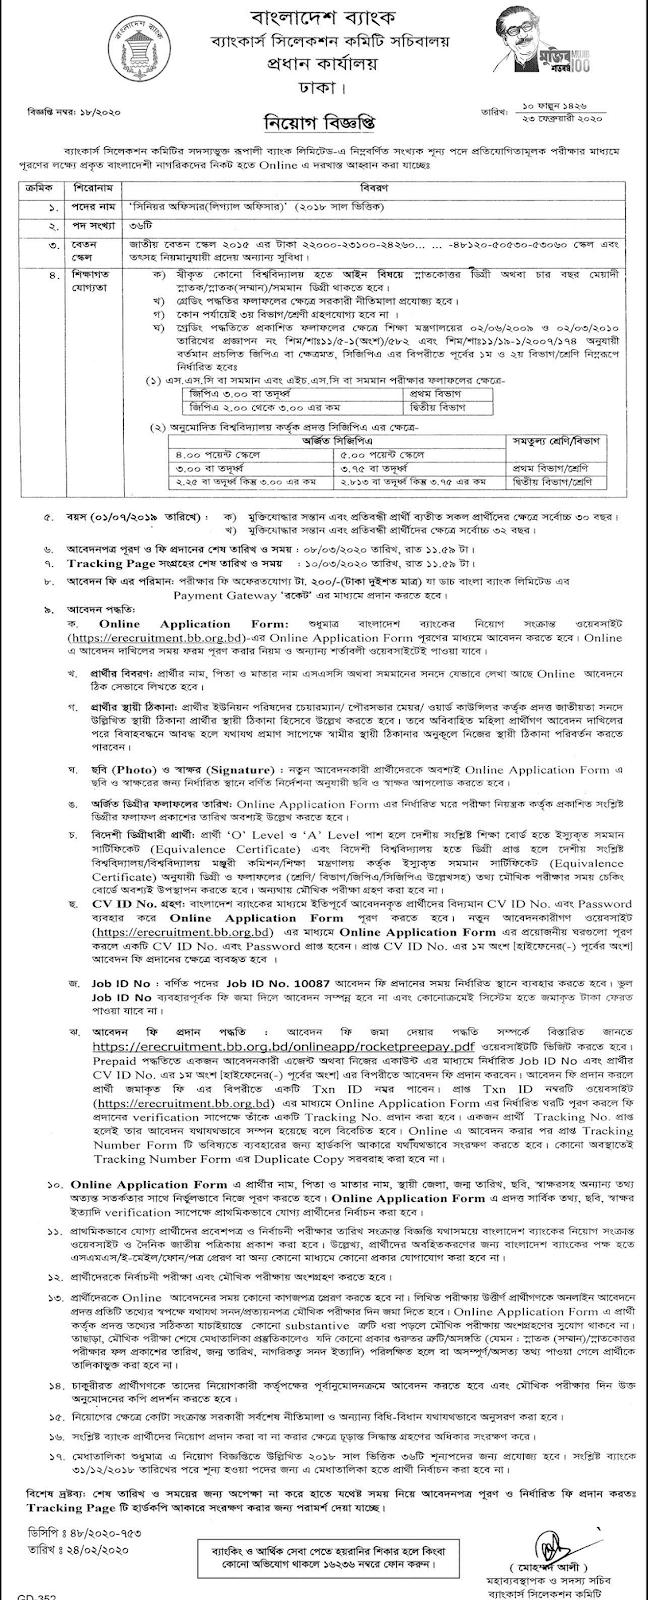 Bangladesh Bank Ltd Job Circular 2020